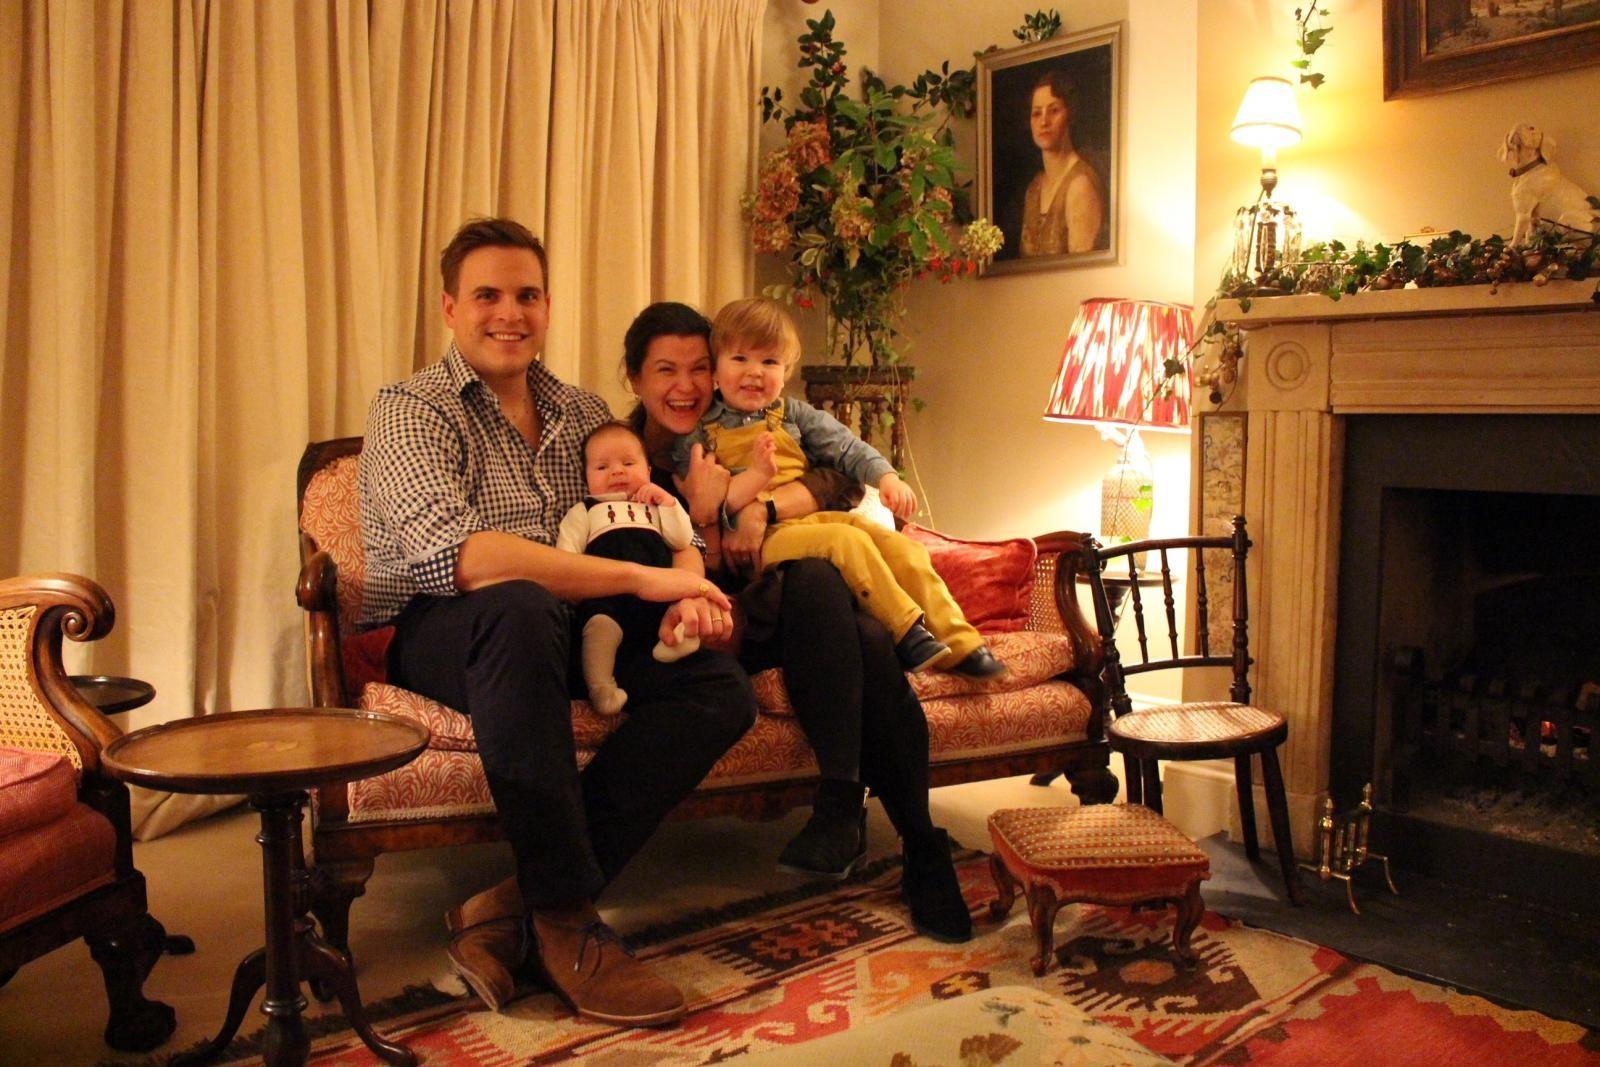 New mum diary - family of four